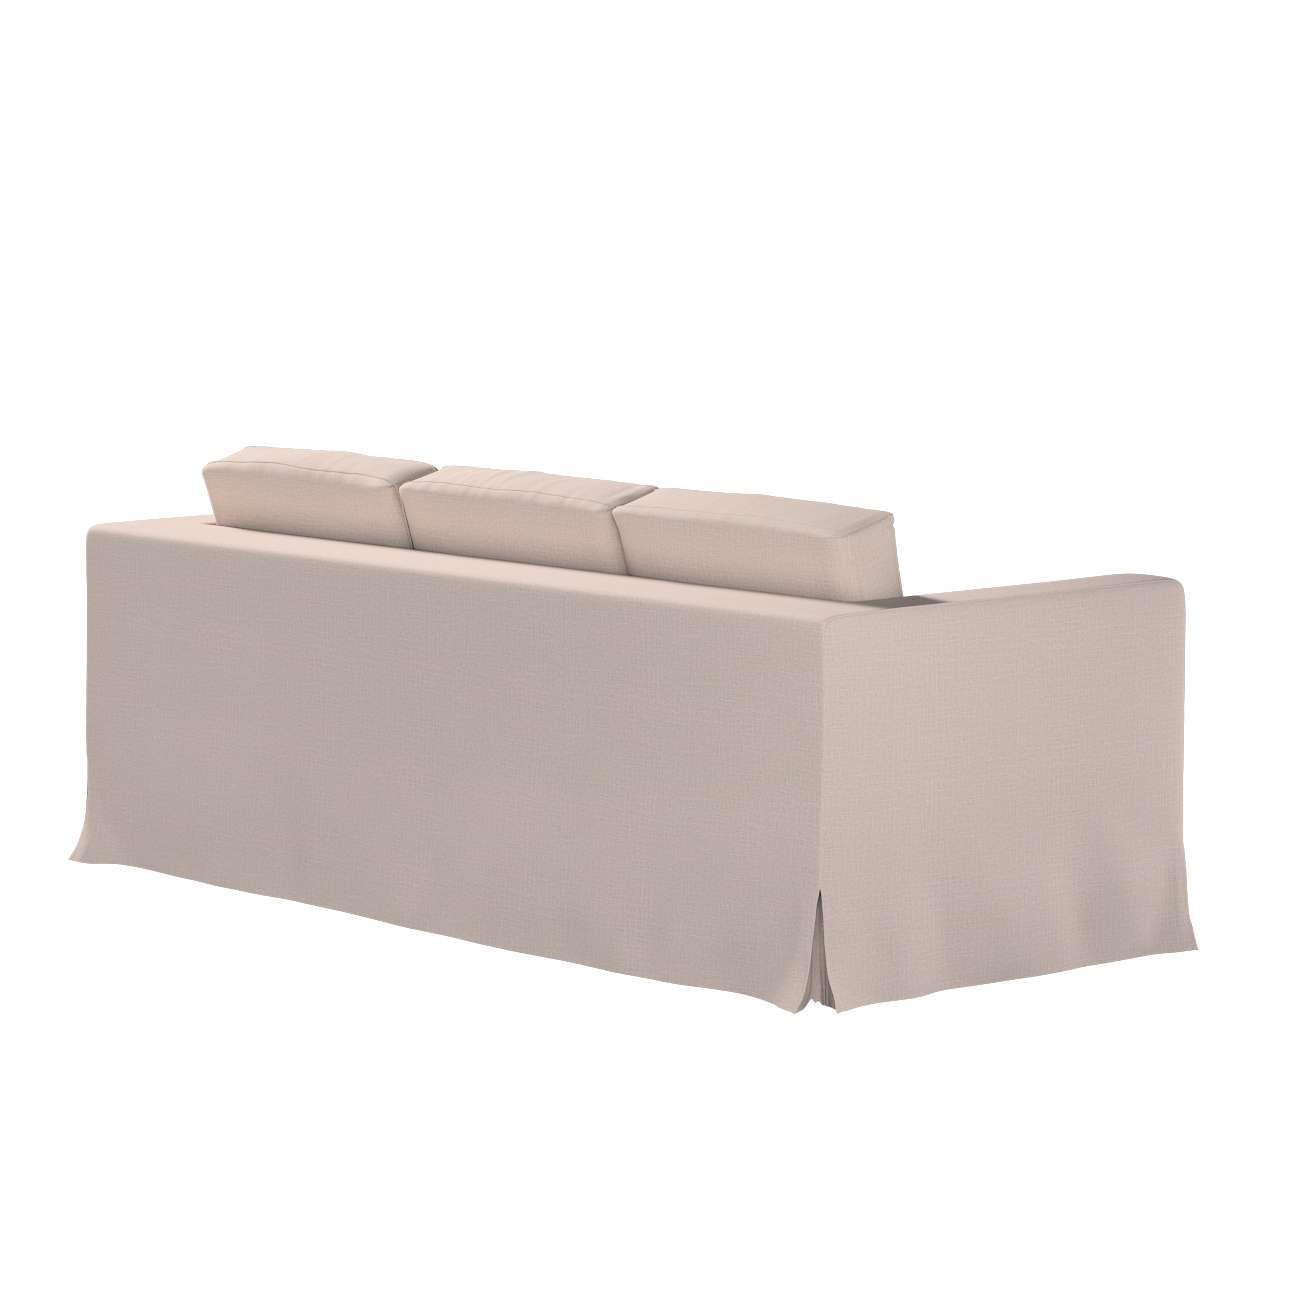 Bezug für Karlanda 3-Sitzer Sofa nicht ausklappbar, lang von der Kollektion Living II, Stoff: 160-85